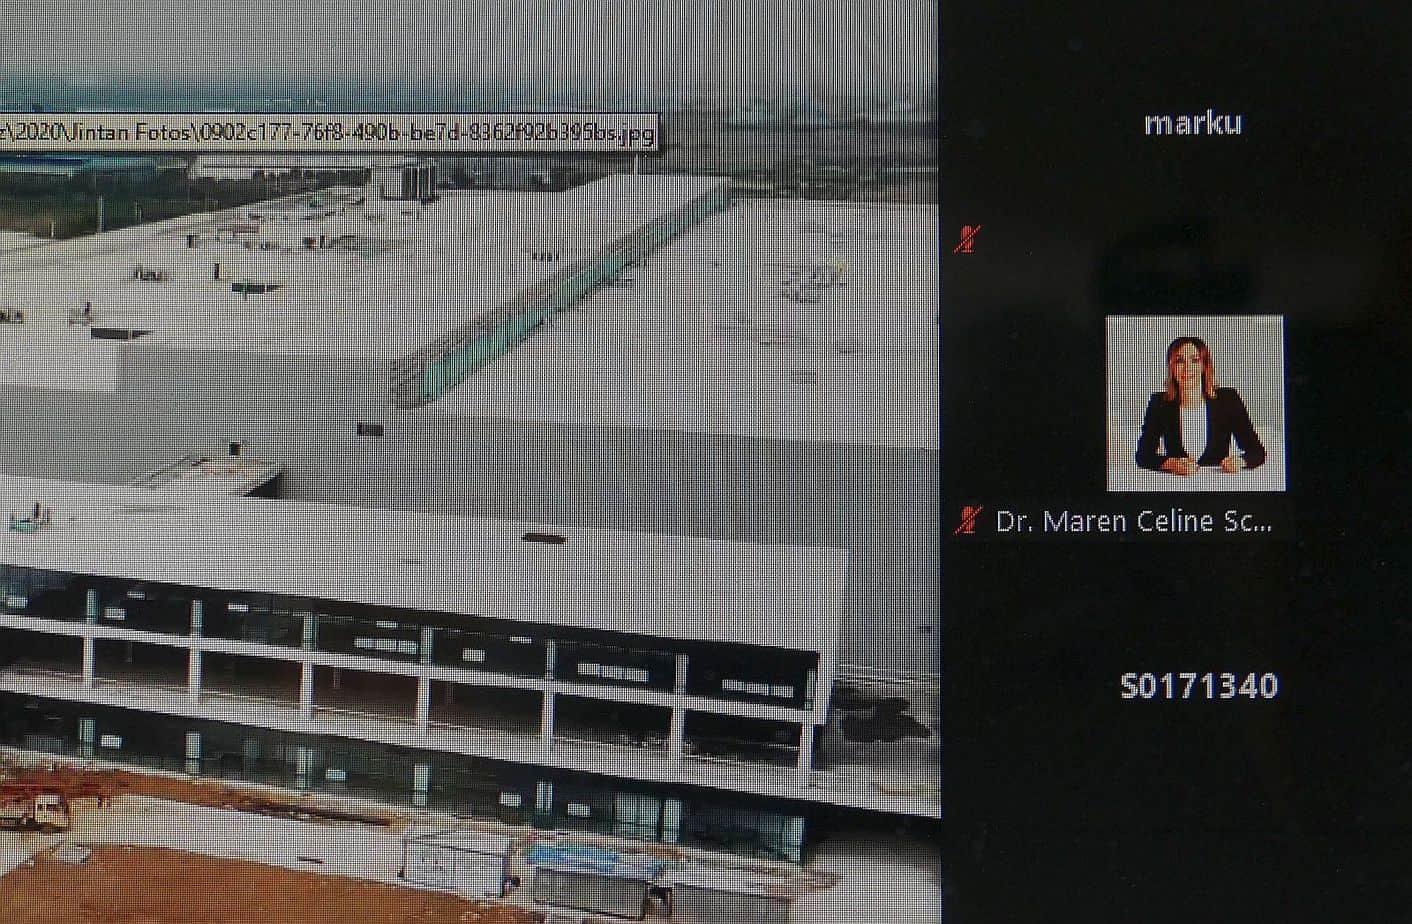 Der Neubau in China interessiert offenbar auch Dr. Maren Schweizer. Kürzlich stellte die Firmenleitung das Projekt bei einer Videokonferenz vor. Screenshot: him